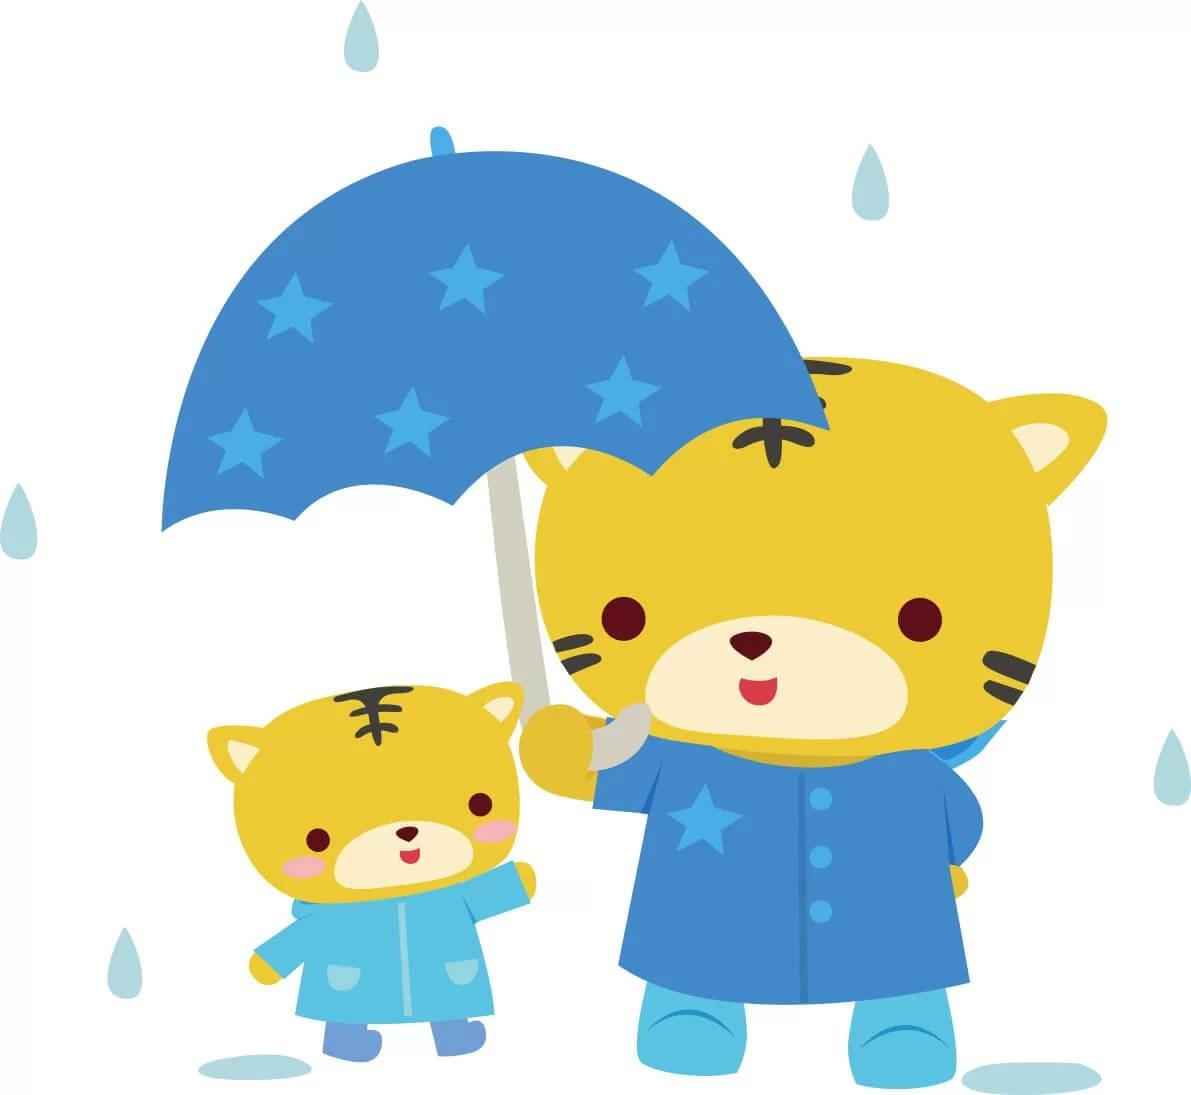 「梅雨の休日は、室内で好きな事を好きなだけして過ごす!ベストは?」のアイキャッチ画像